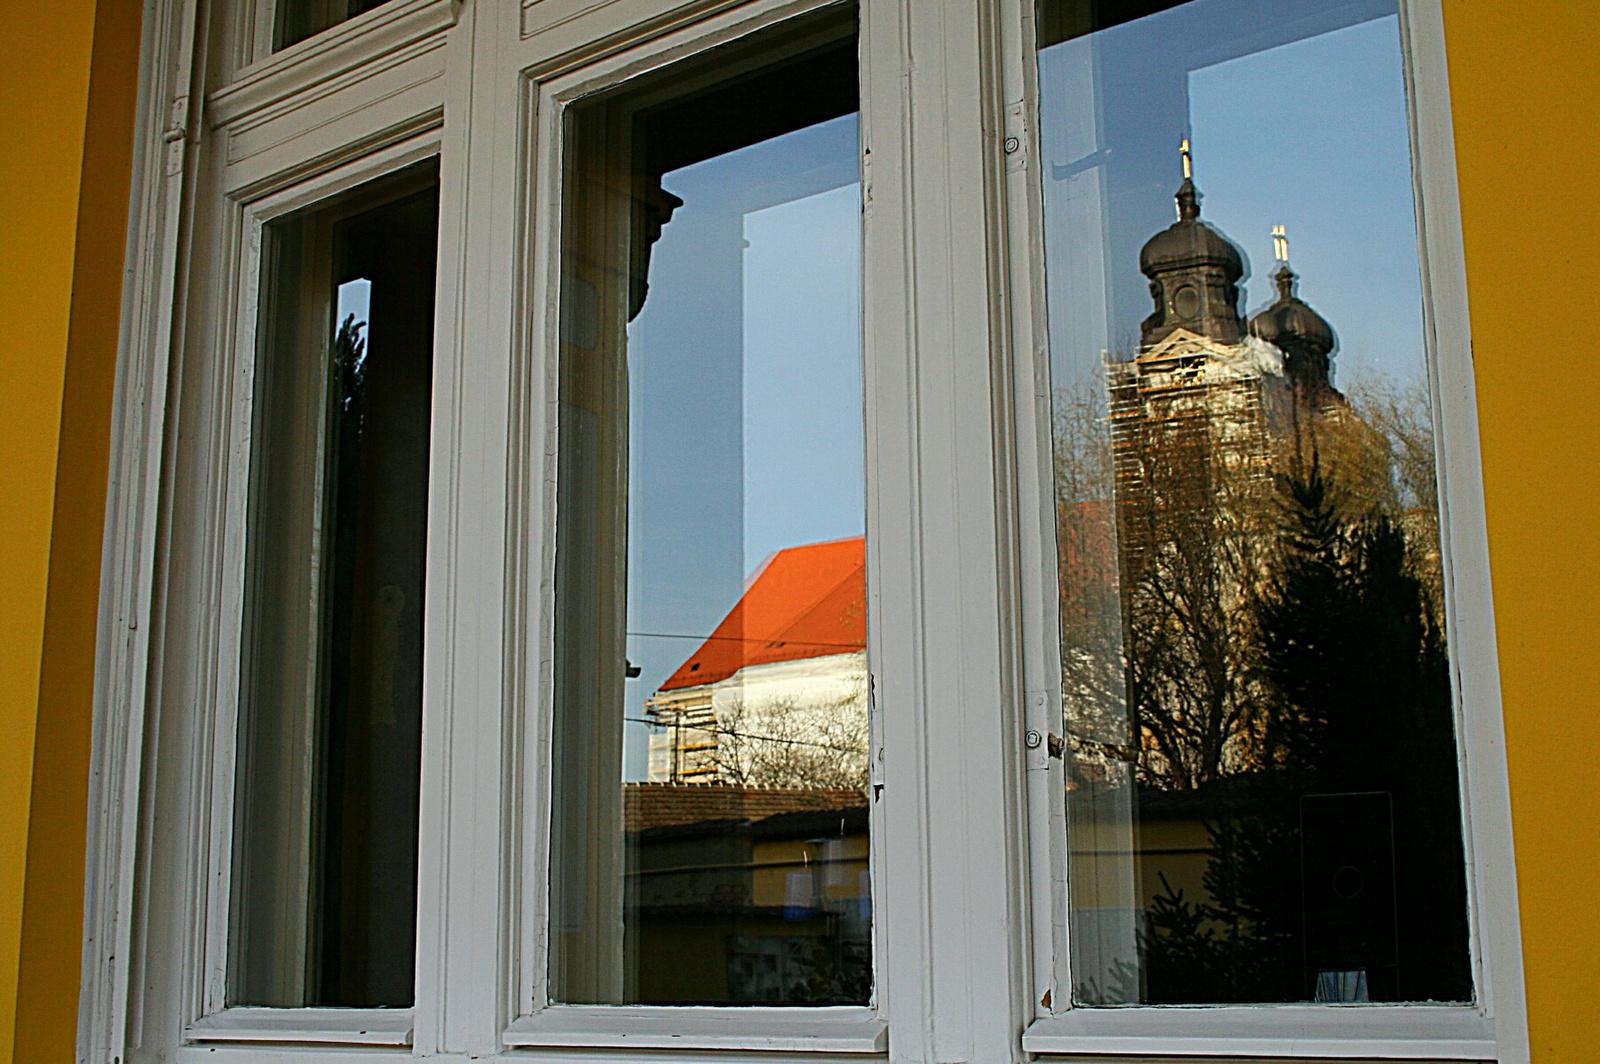 Templom az ablakban